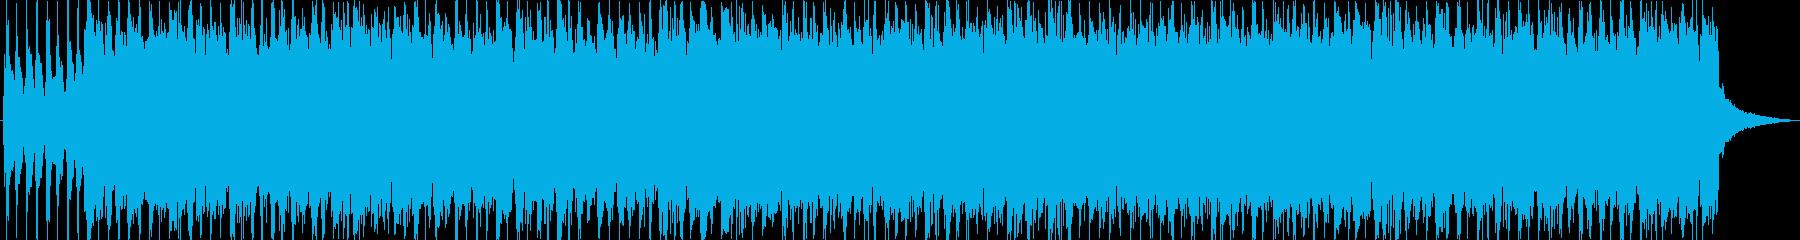 短縮verシューベルト「楽興の時」ロックの再生済みの波形